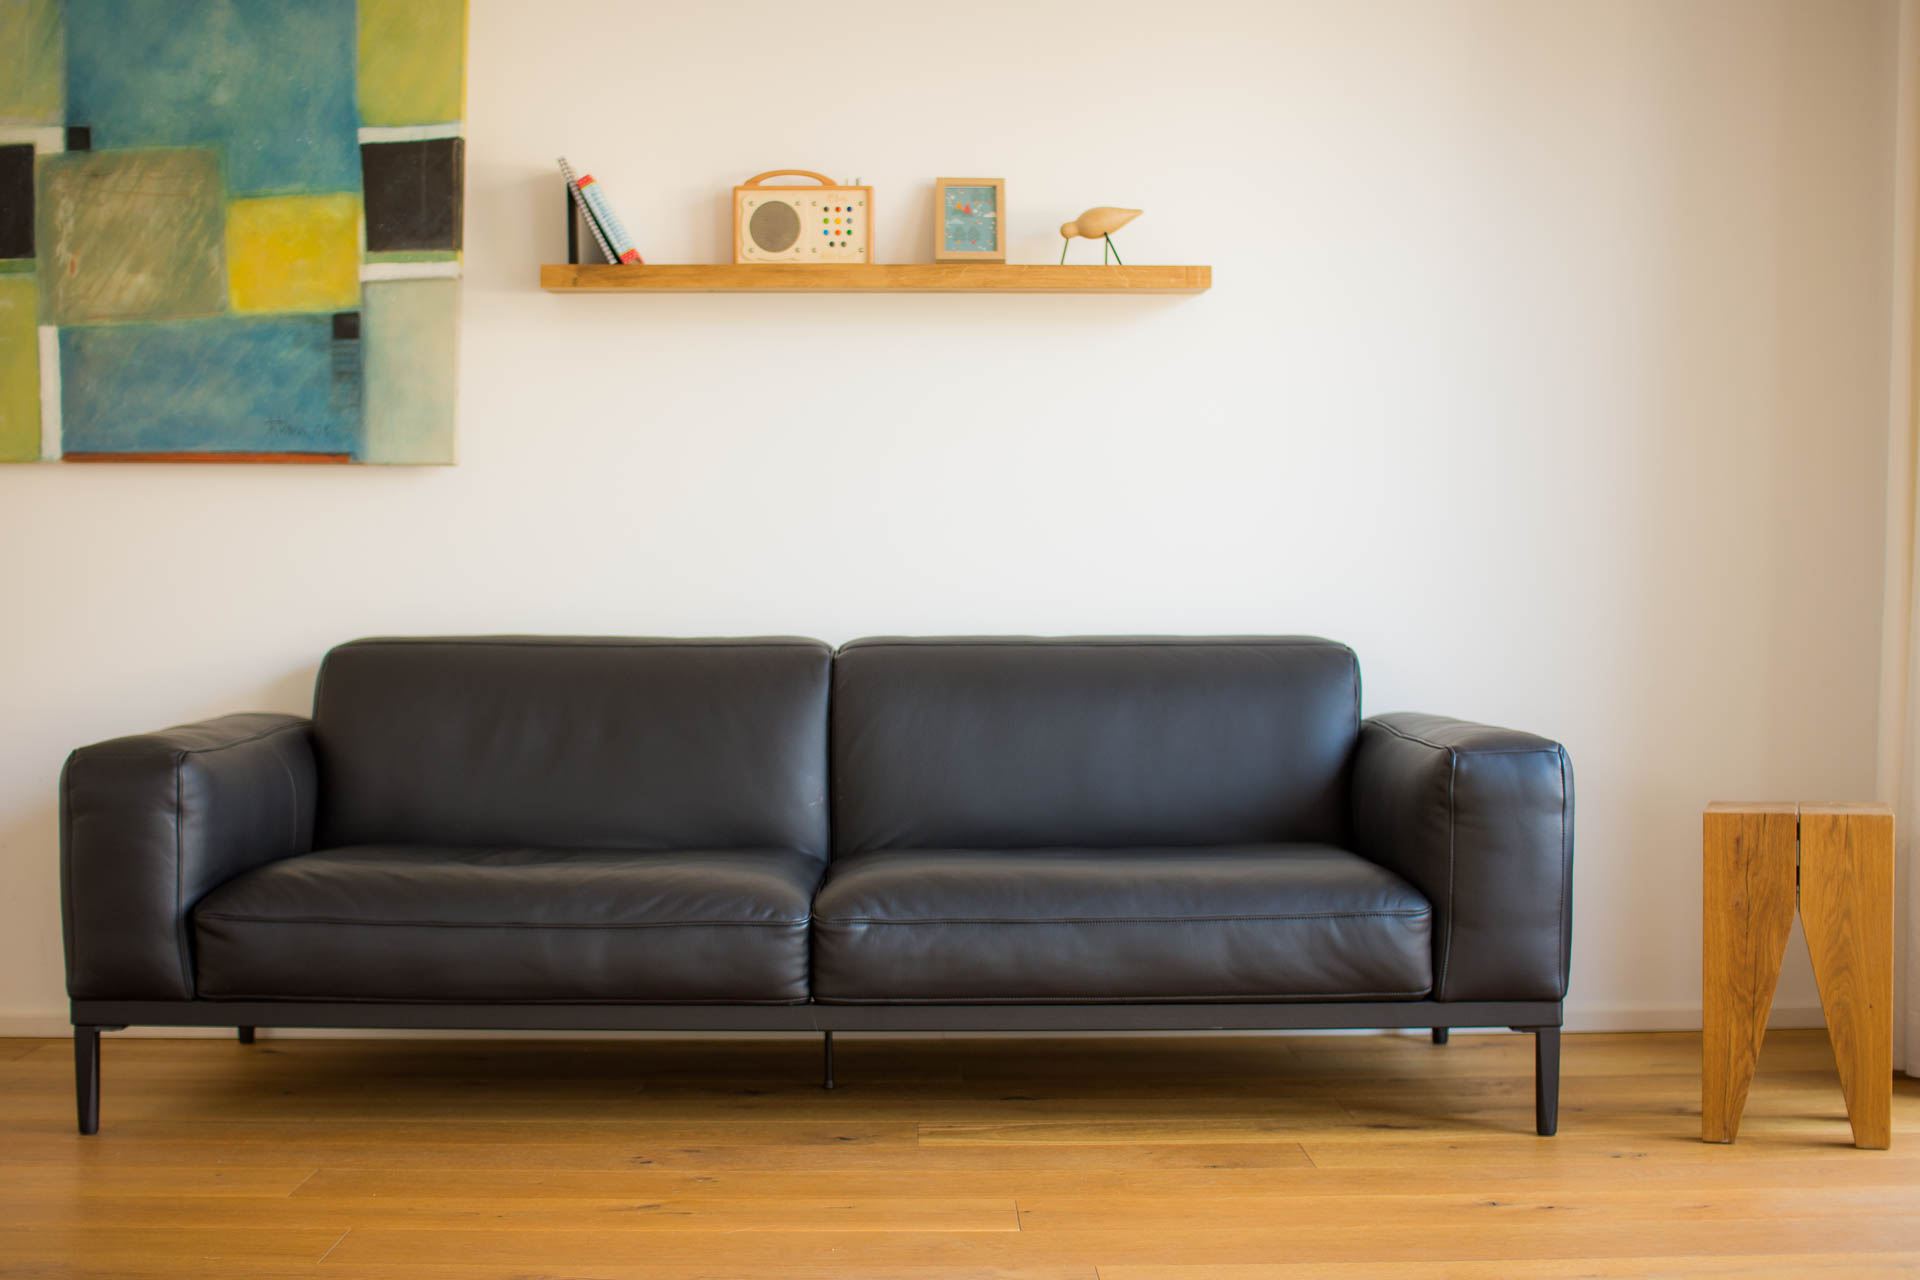 Wohnzimmer einrichtung freiraum7 interior design - Wohnzimmer einrichtung ...